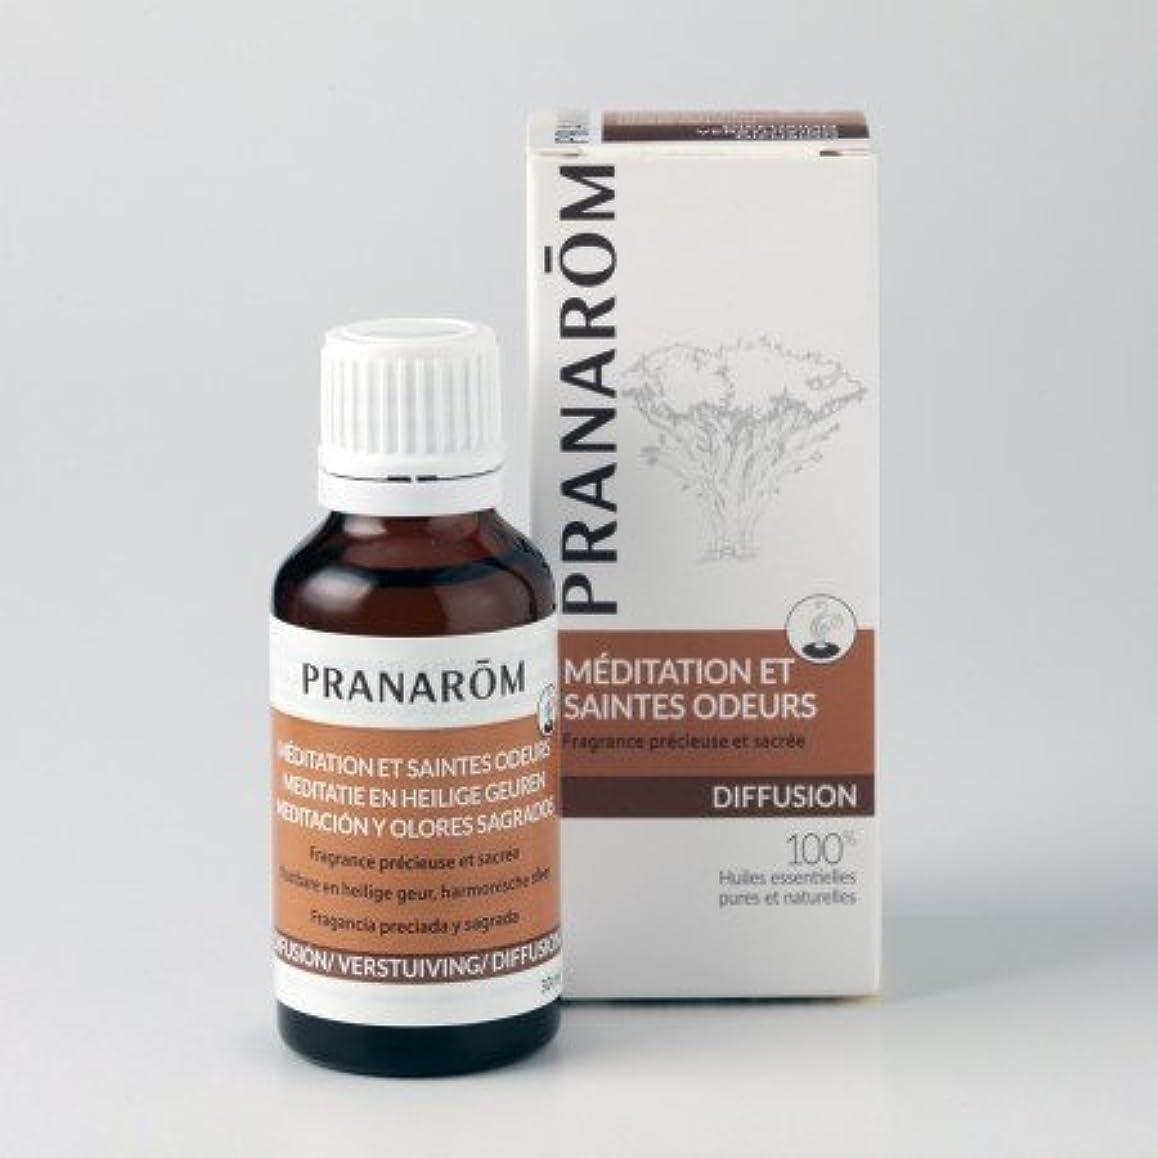 有能な美容師仕様プラナロム ( PRANAROM ) ルームコロン 瞑想へのいざない メディテーション 30ml 02588 エアフレッシュナー ( 芳香剤 )